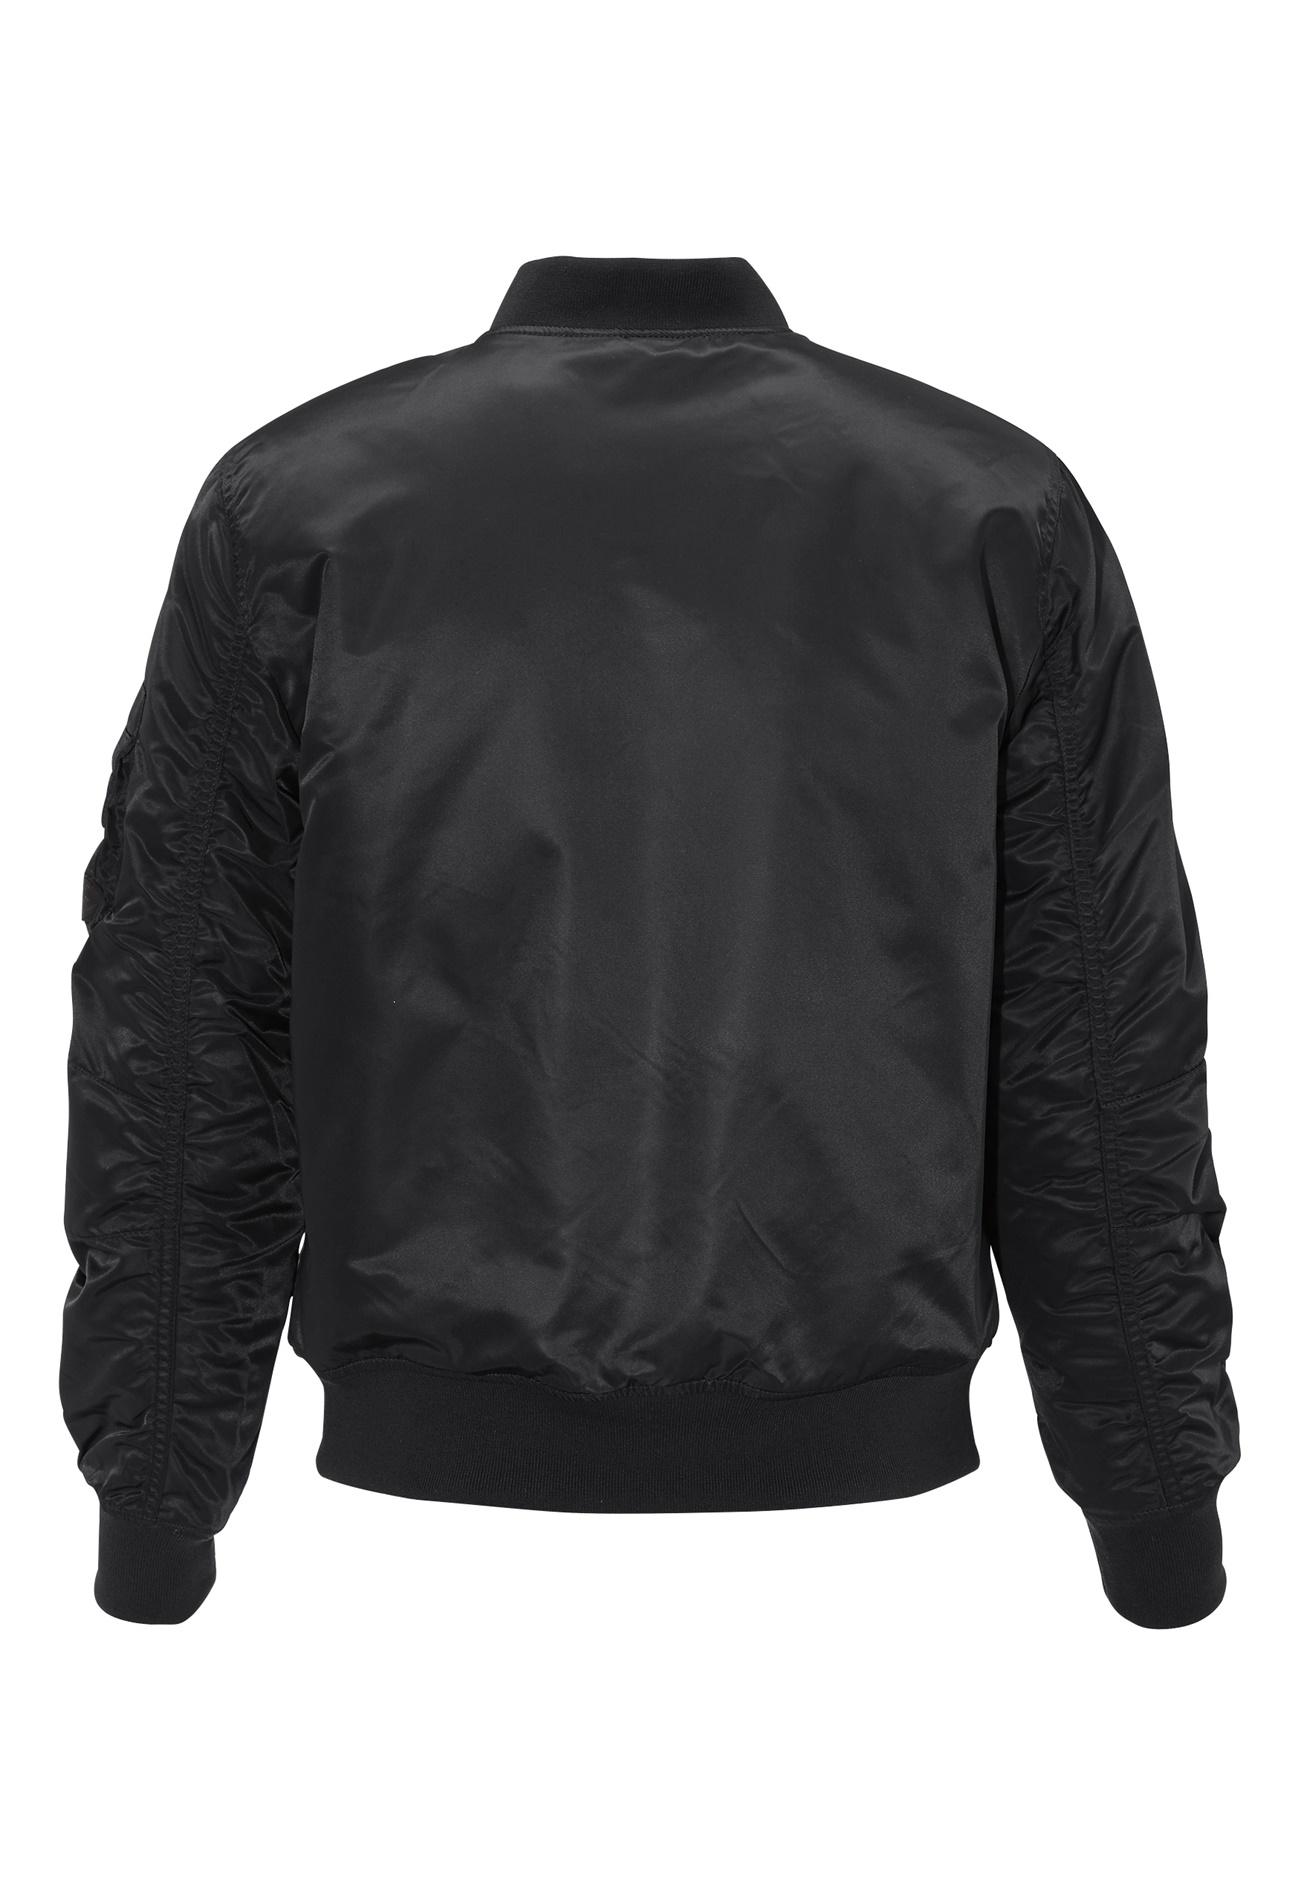 jack jones porten bomber jacket black bubbleroom. Black Bedroom Furniture Sets. Home Design Ideas